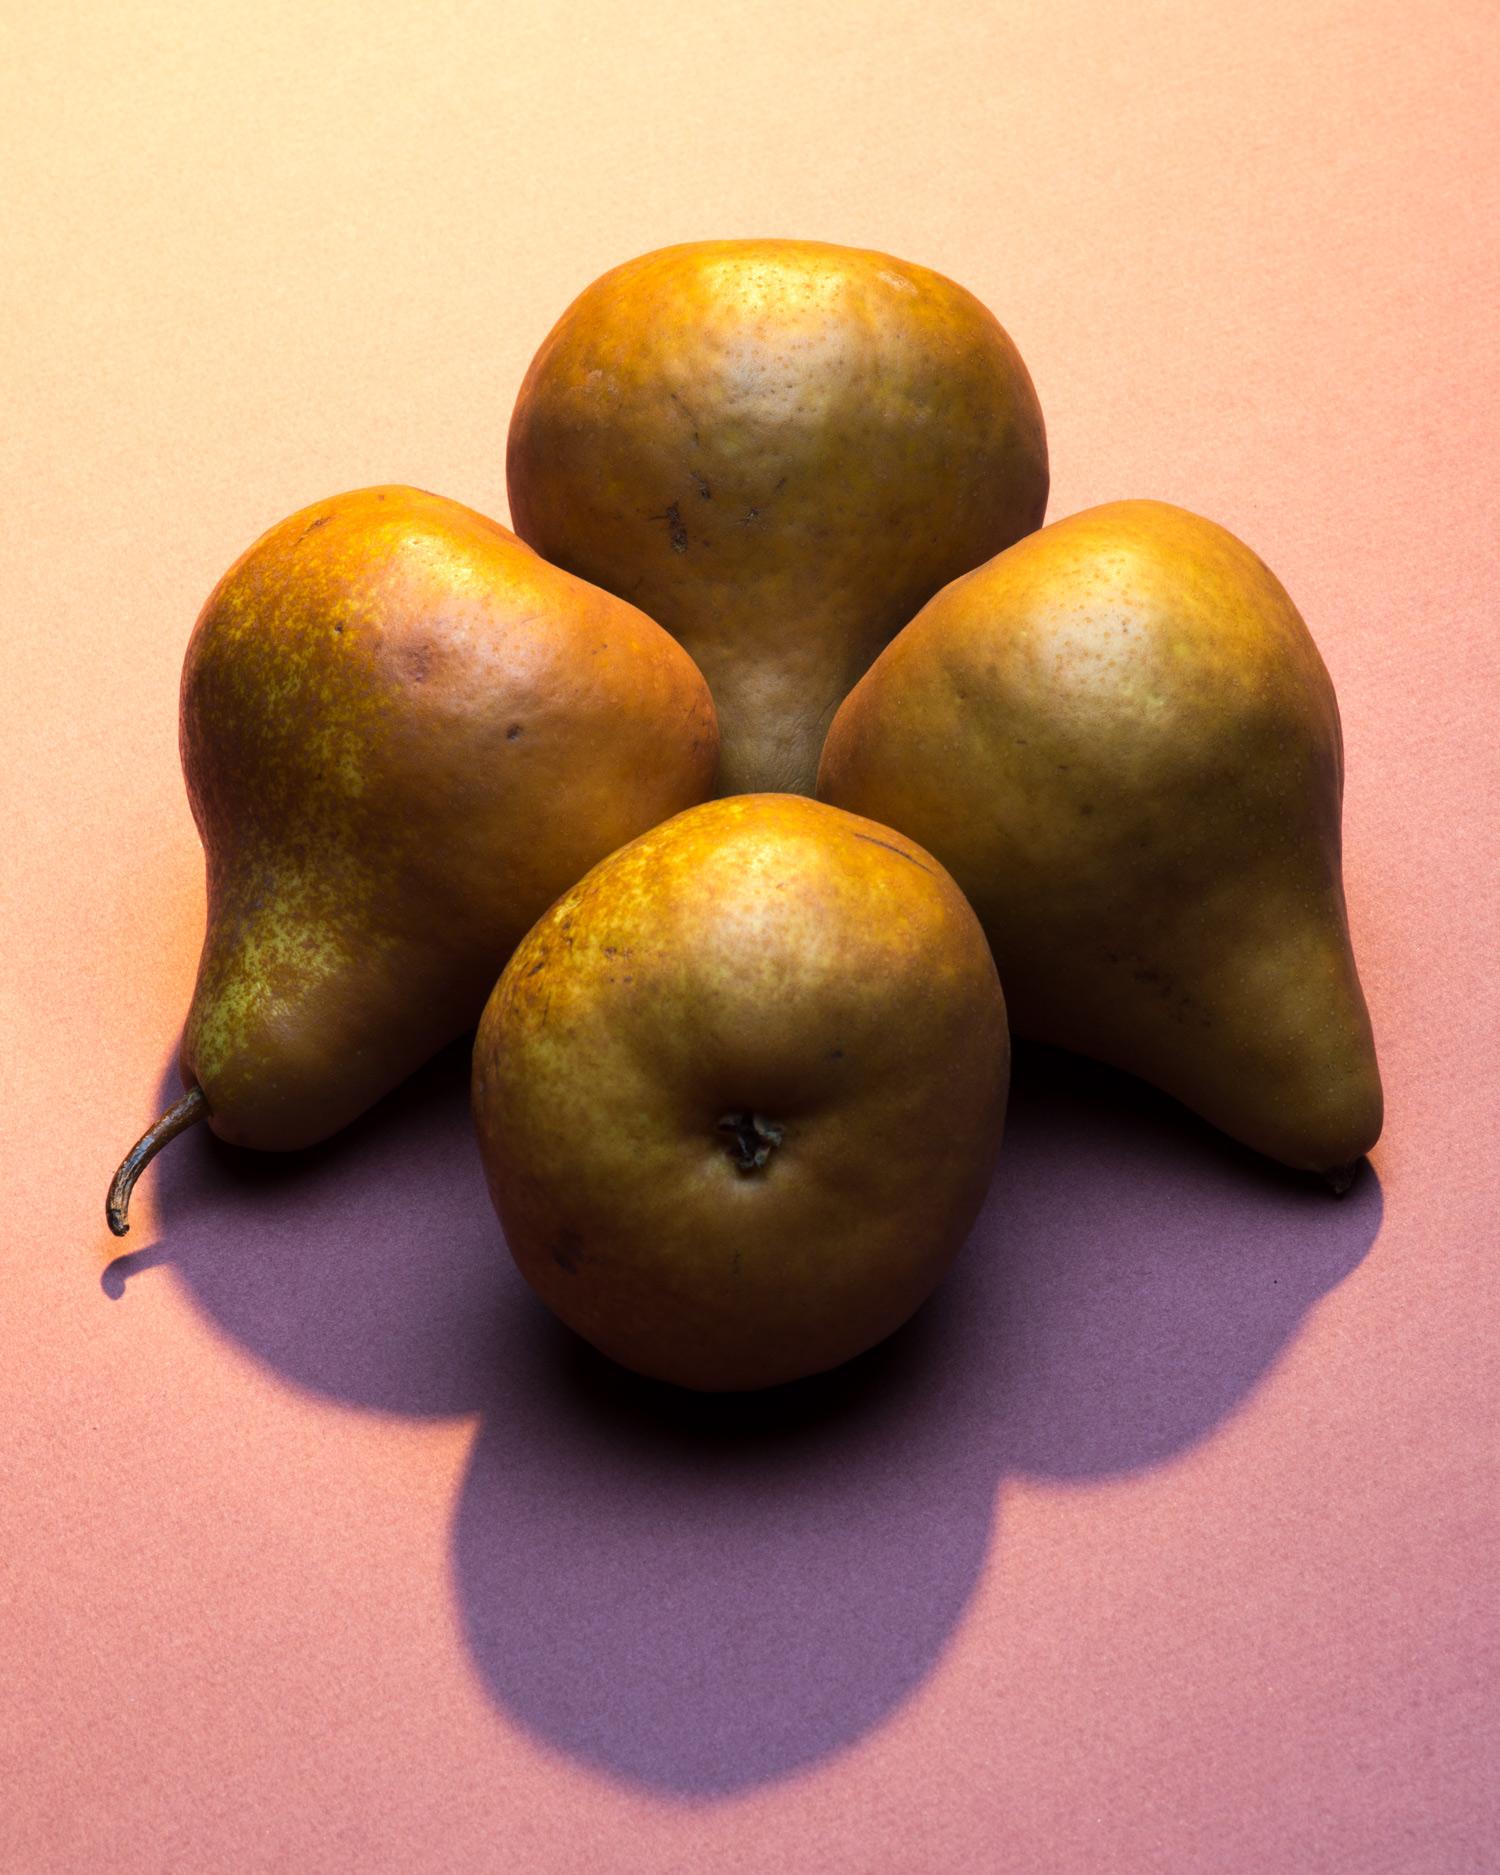 pear-matthew-kashtan-photography.jpg